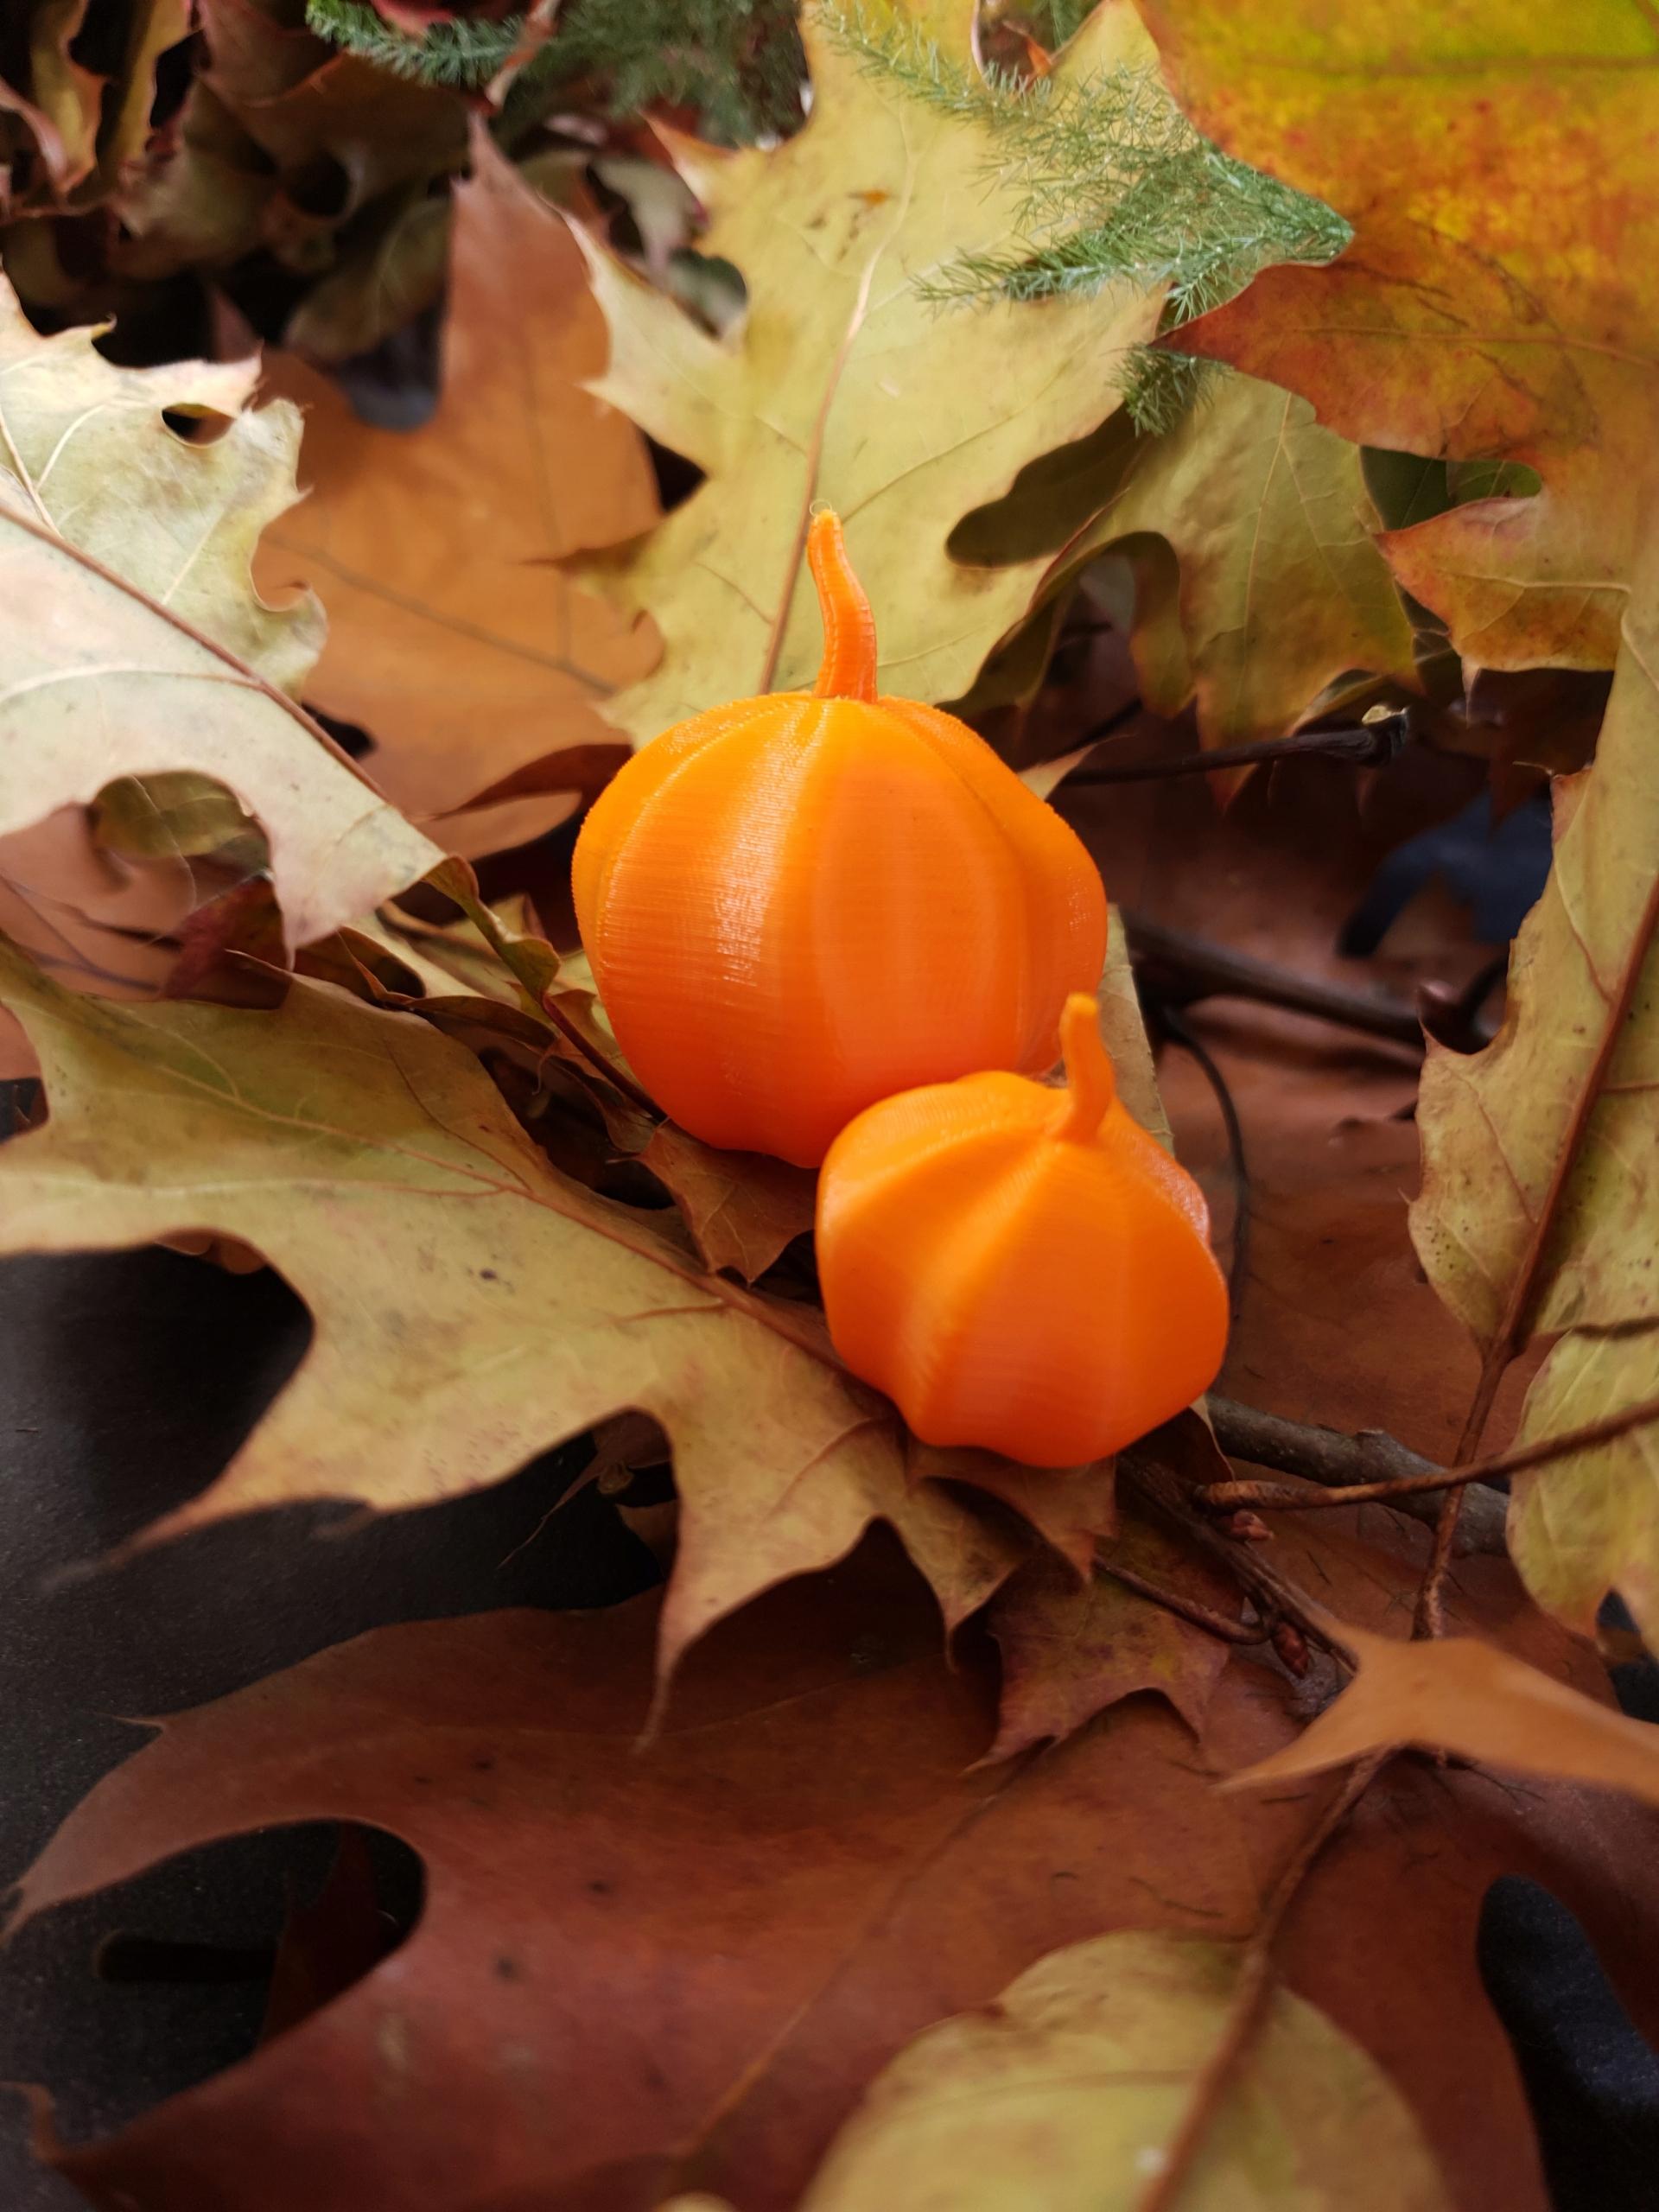 Фигурка из оранжевой тыквы, украшение, высота: около 4,1 см